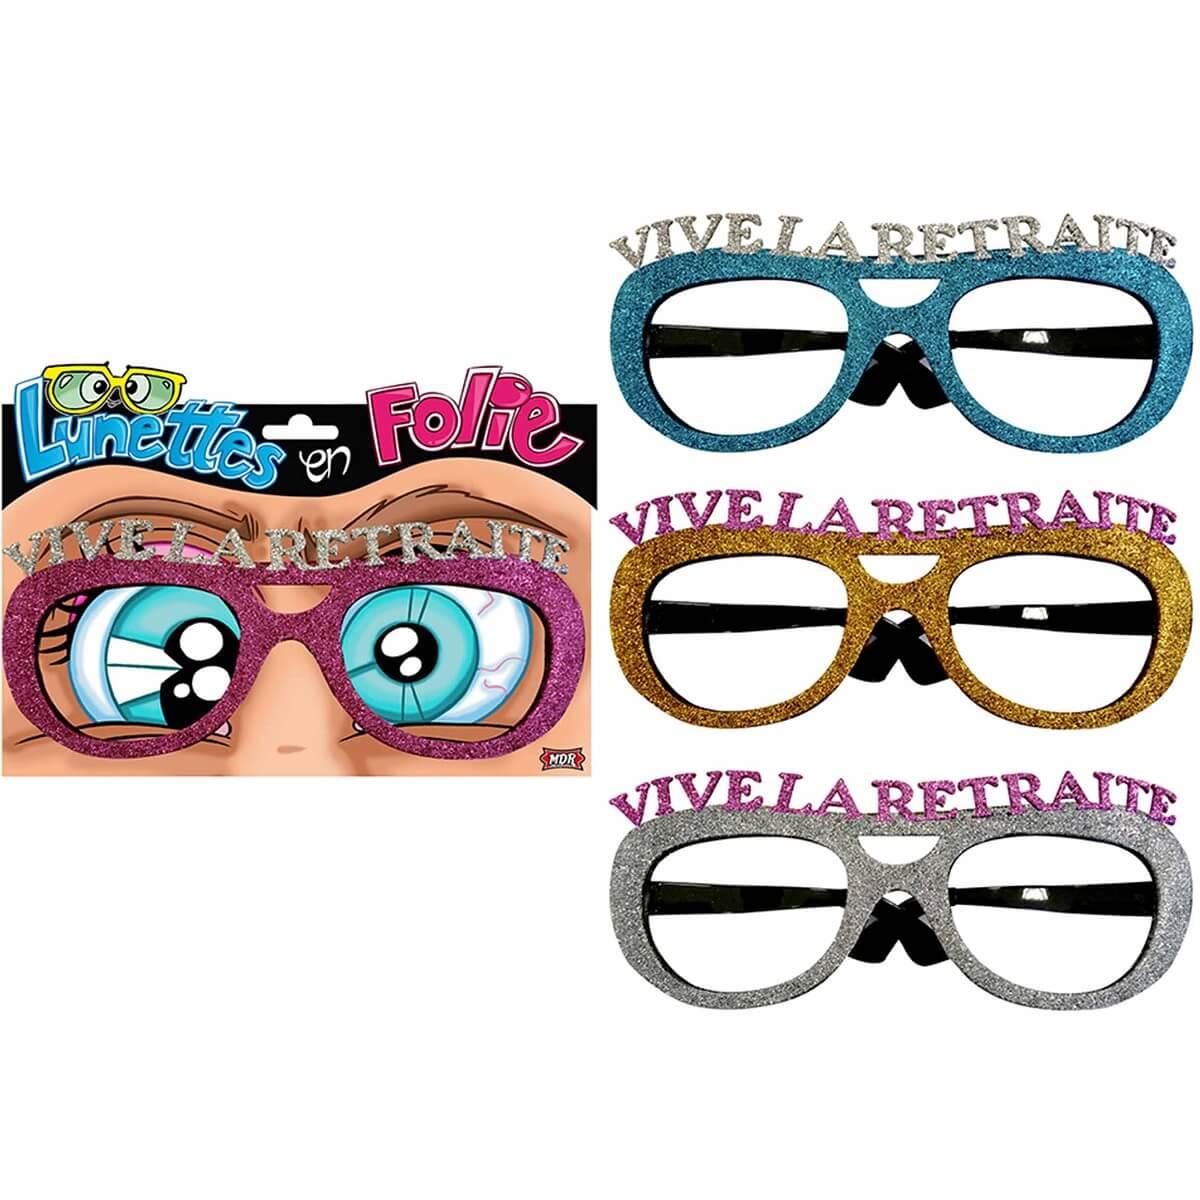 Cadeau de fete adulte lunettes pailletees retraite